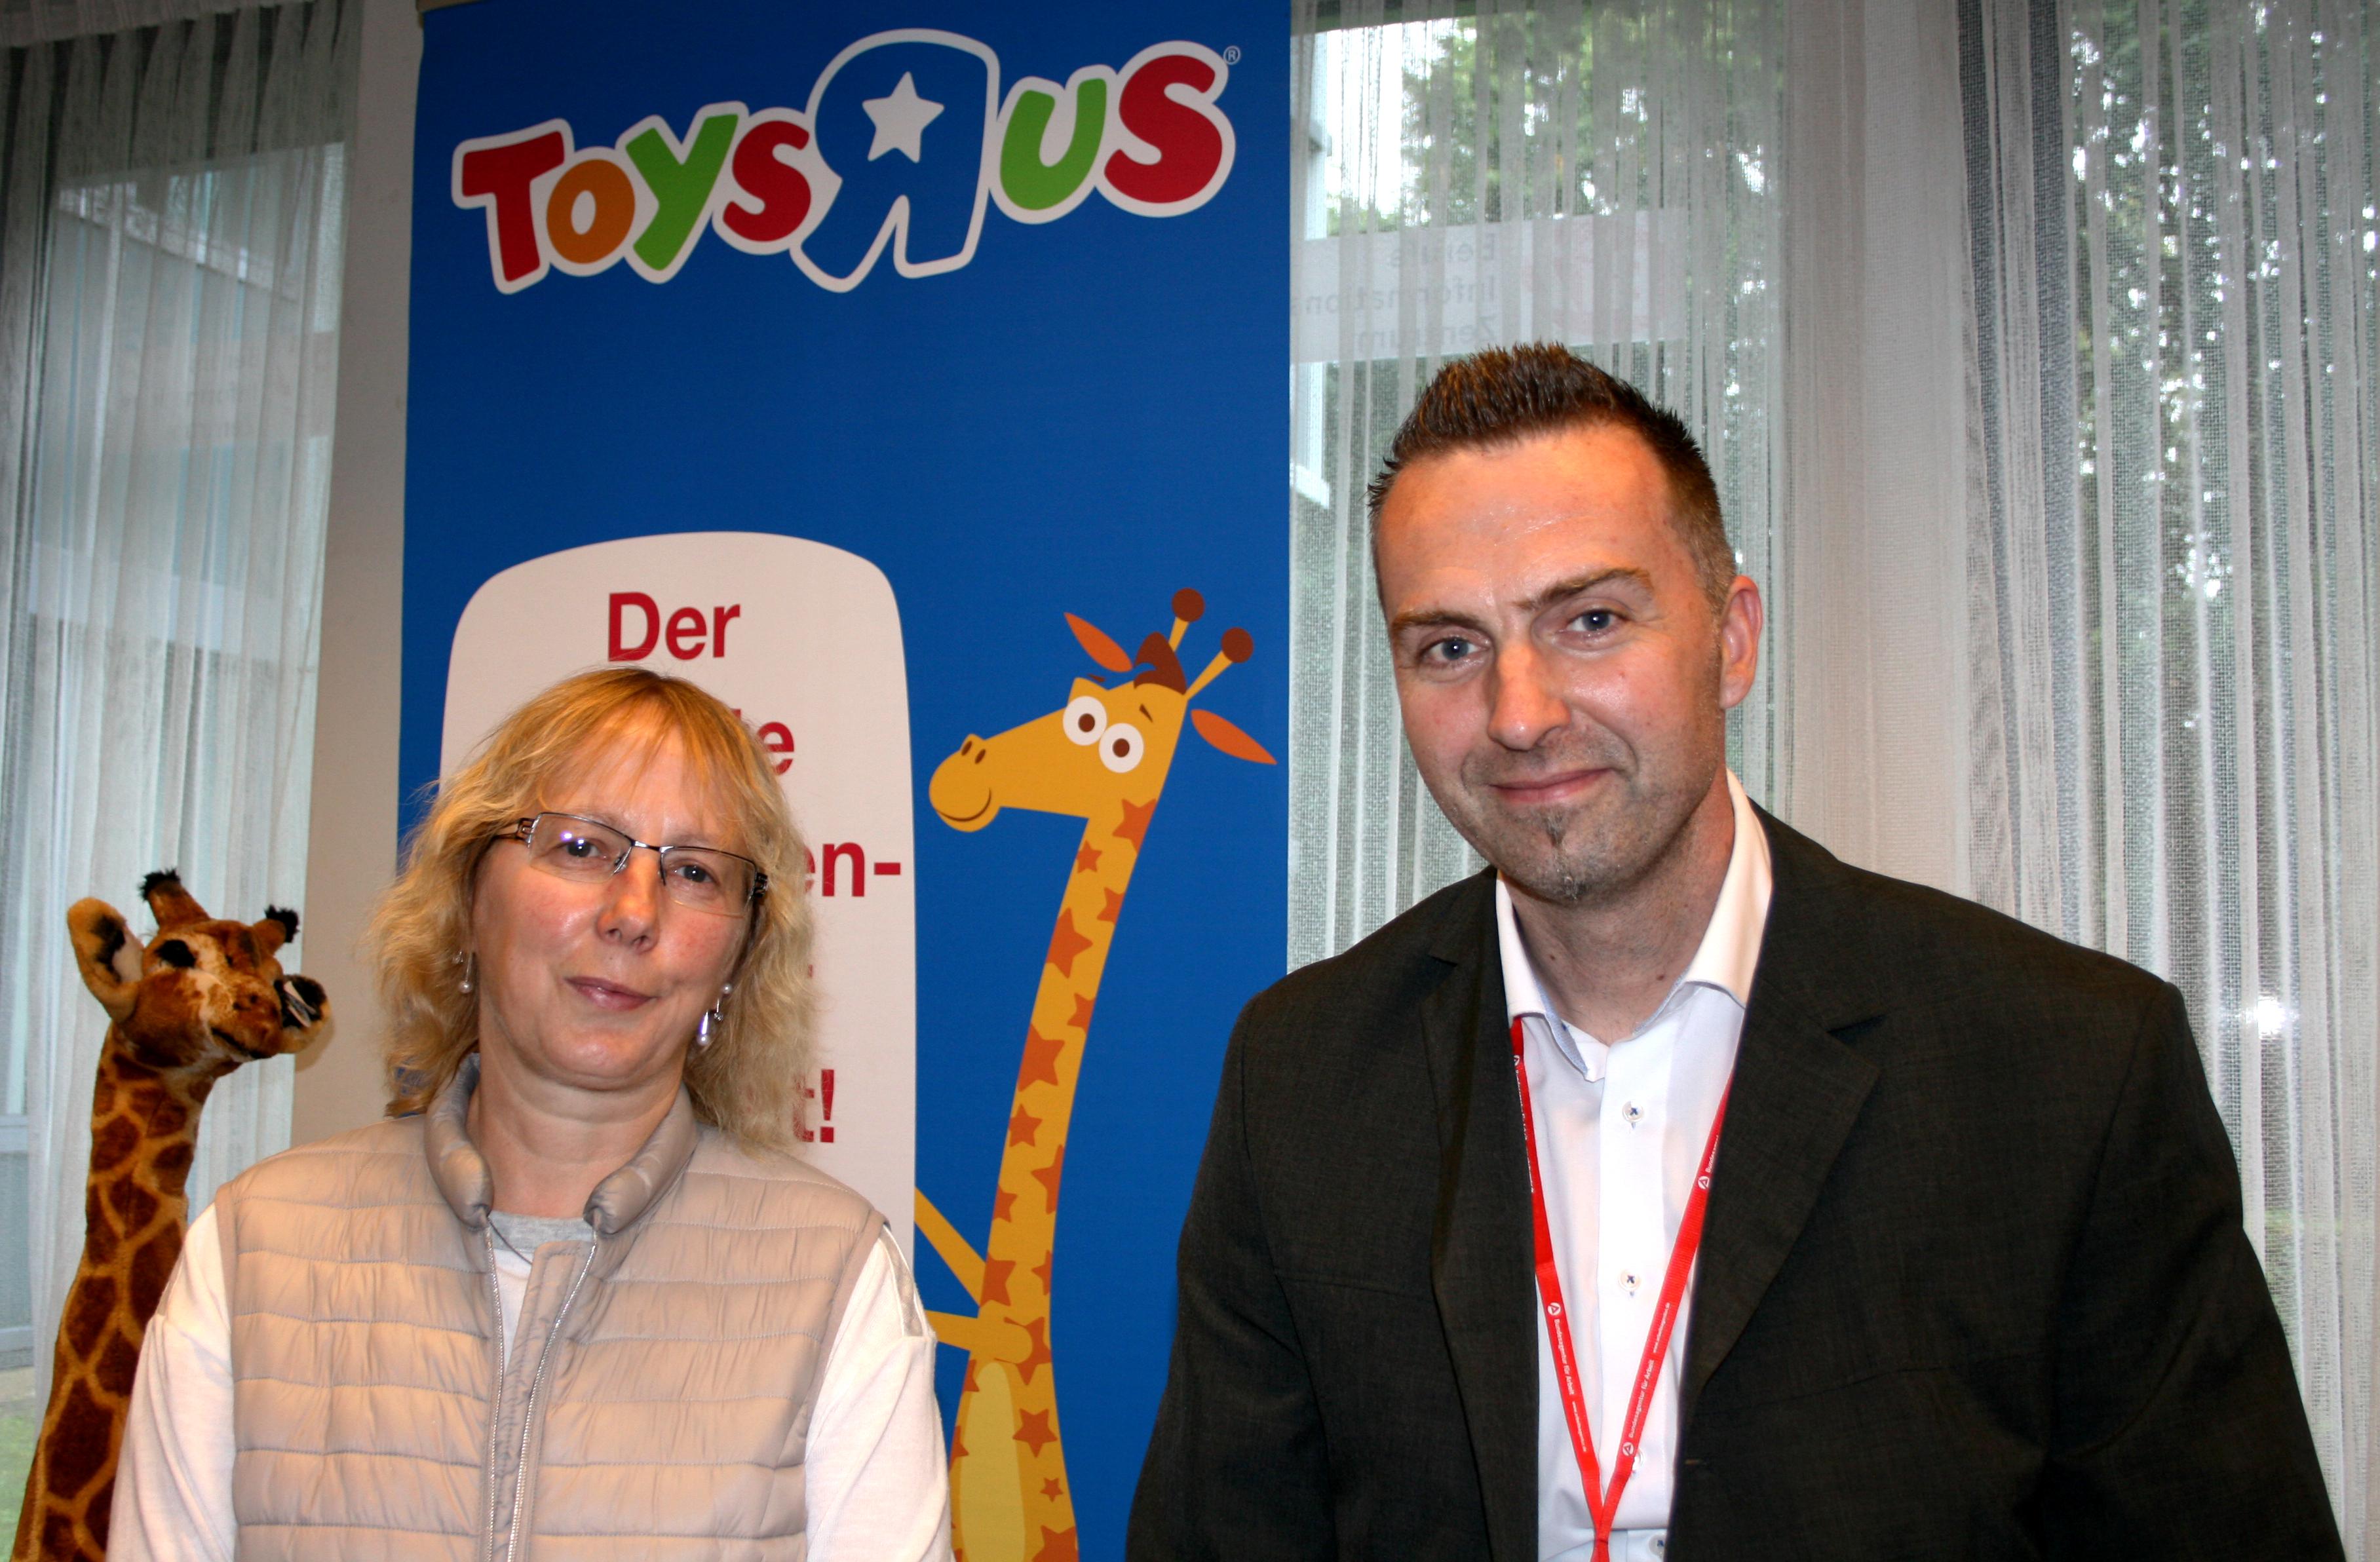 Spielend einfach ins Gespräch gekommen: Hildegard Grimm-Hett im Loom mit Marktleiter Stephan Schulwitz (Foto: C. Apdarmani)